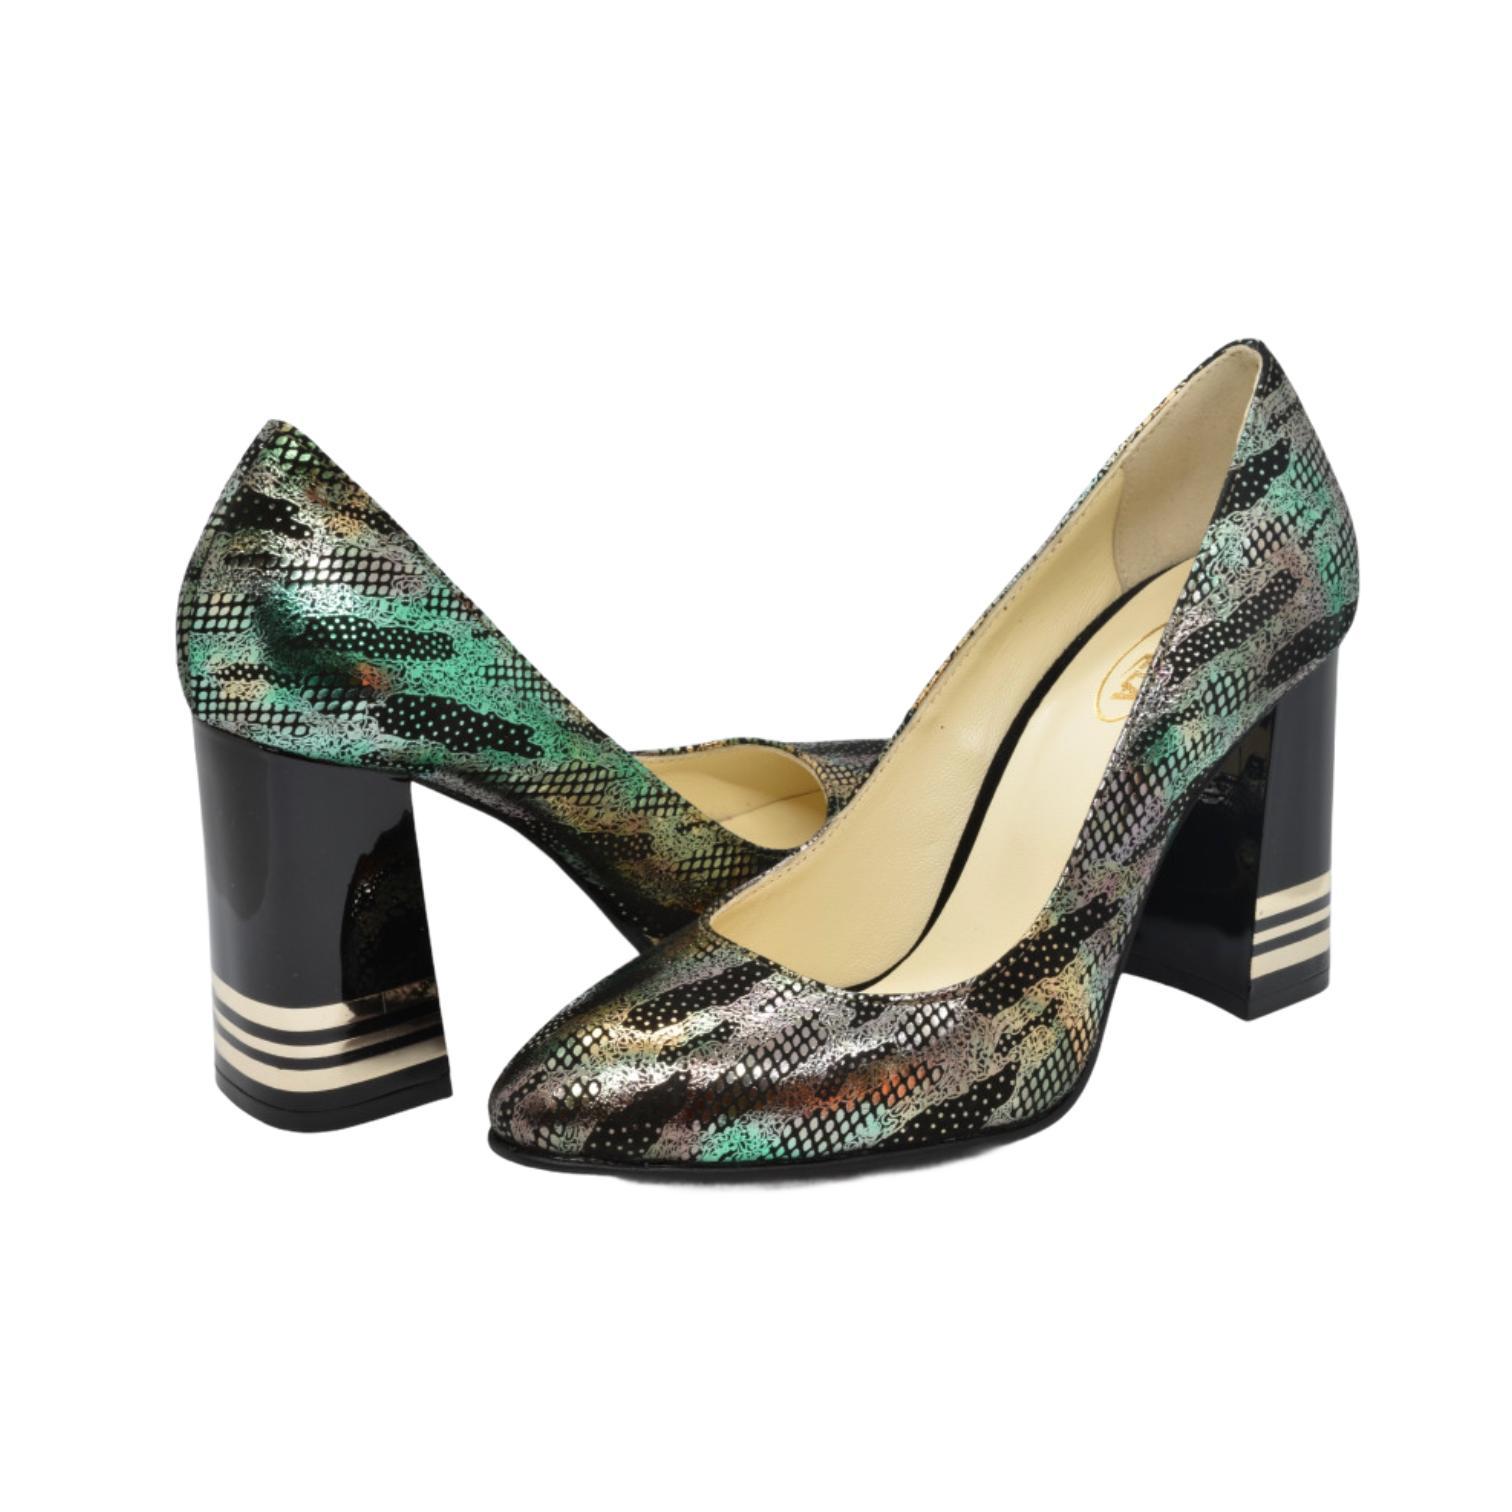 Pantofi negri cu model verde si auriu